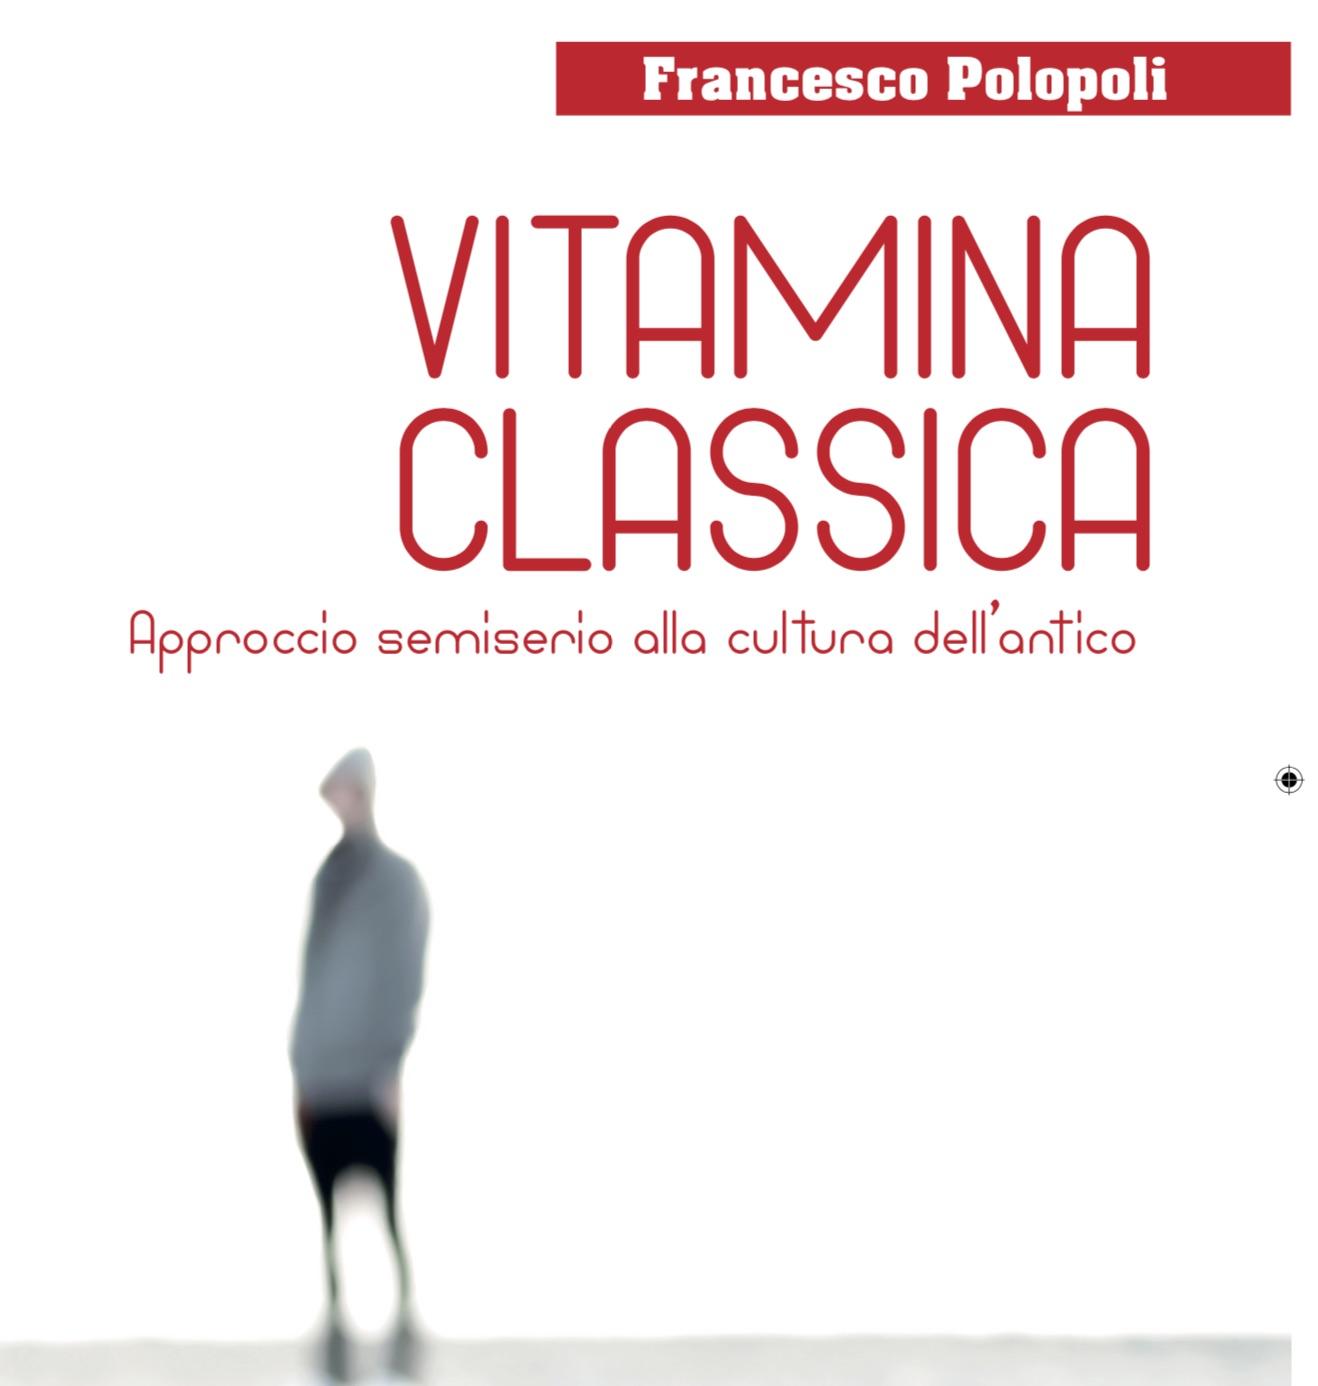 Vitamina classica. Approccio semiserio alla cultura dell'antico di Francesco Polopoli